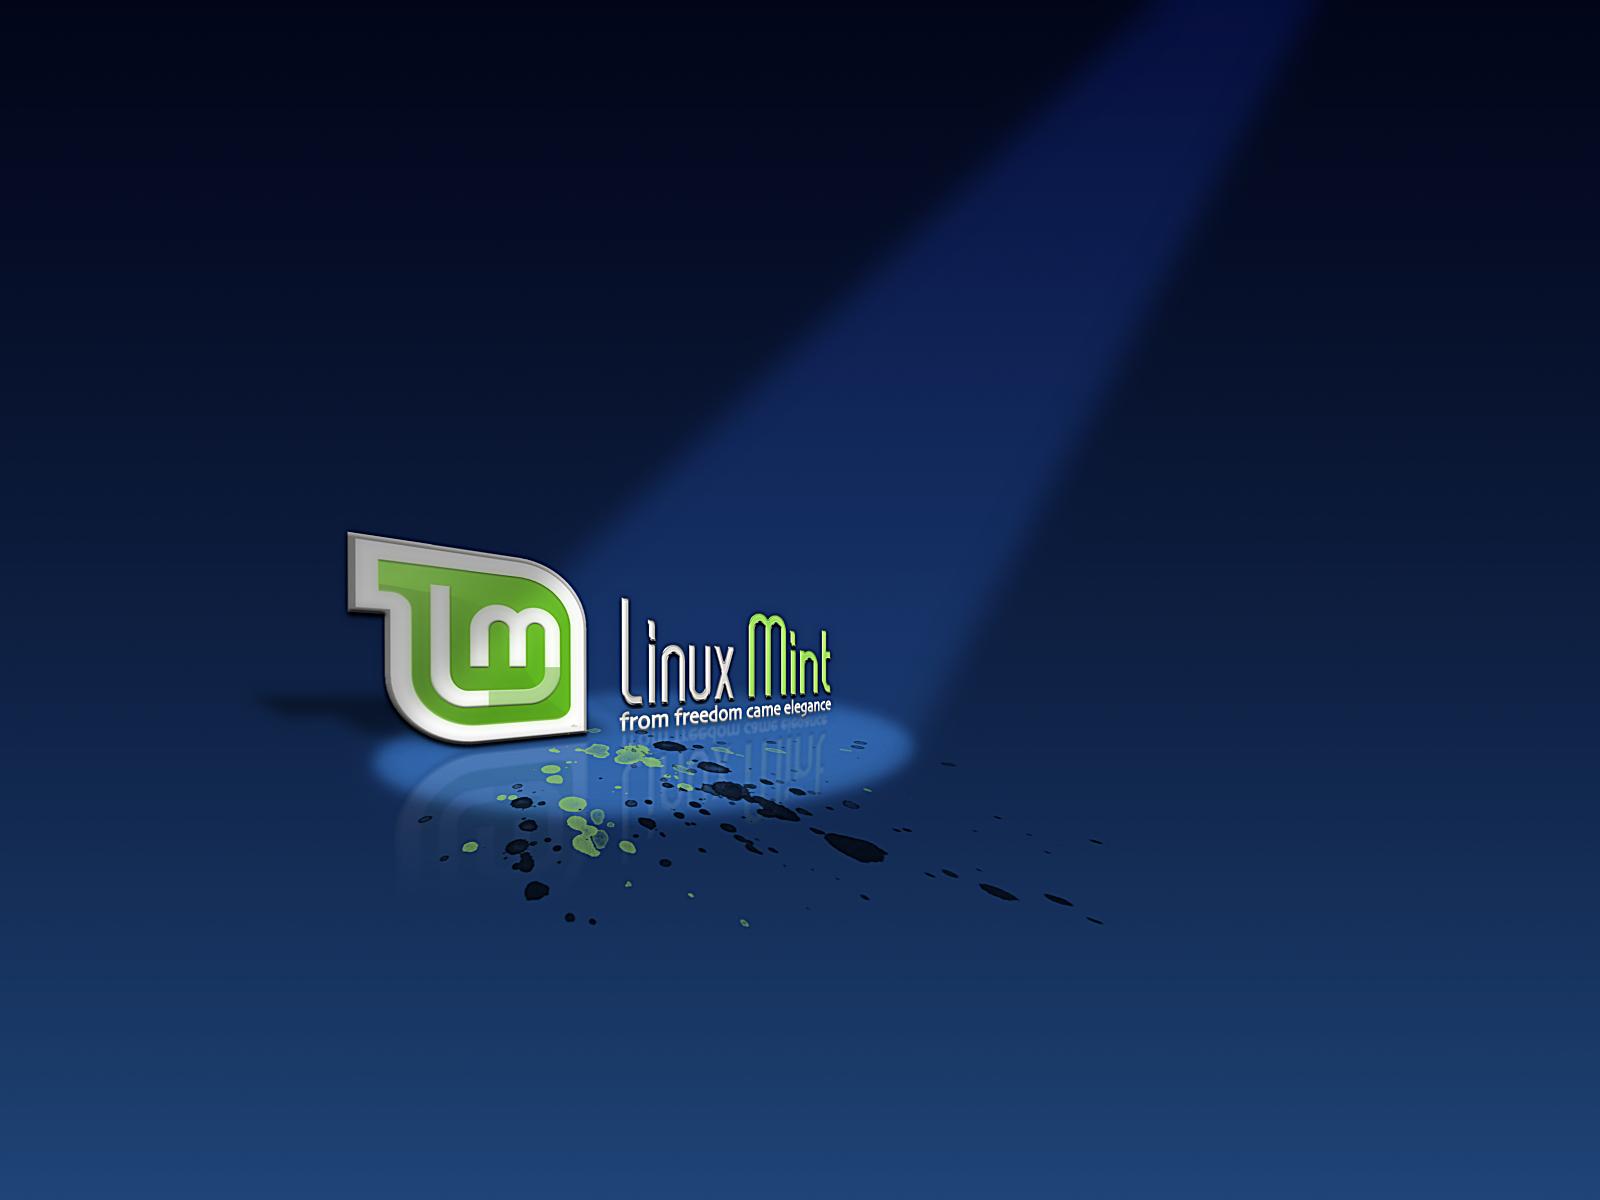 HightechHD Hintergrundbilder kostenlose Linux Mint Tapete 1600x1200